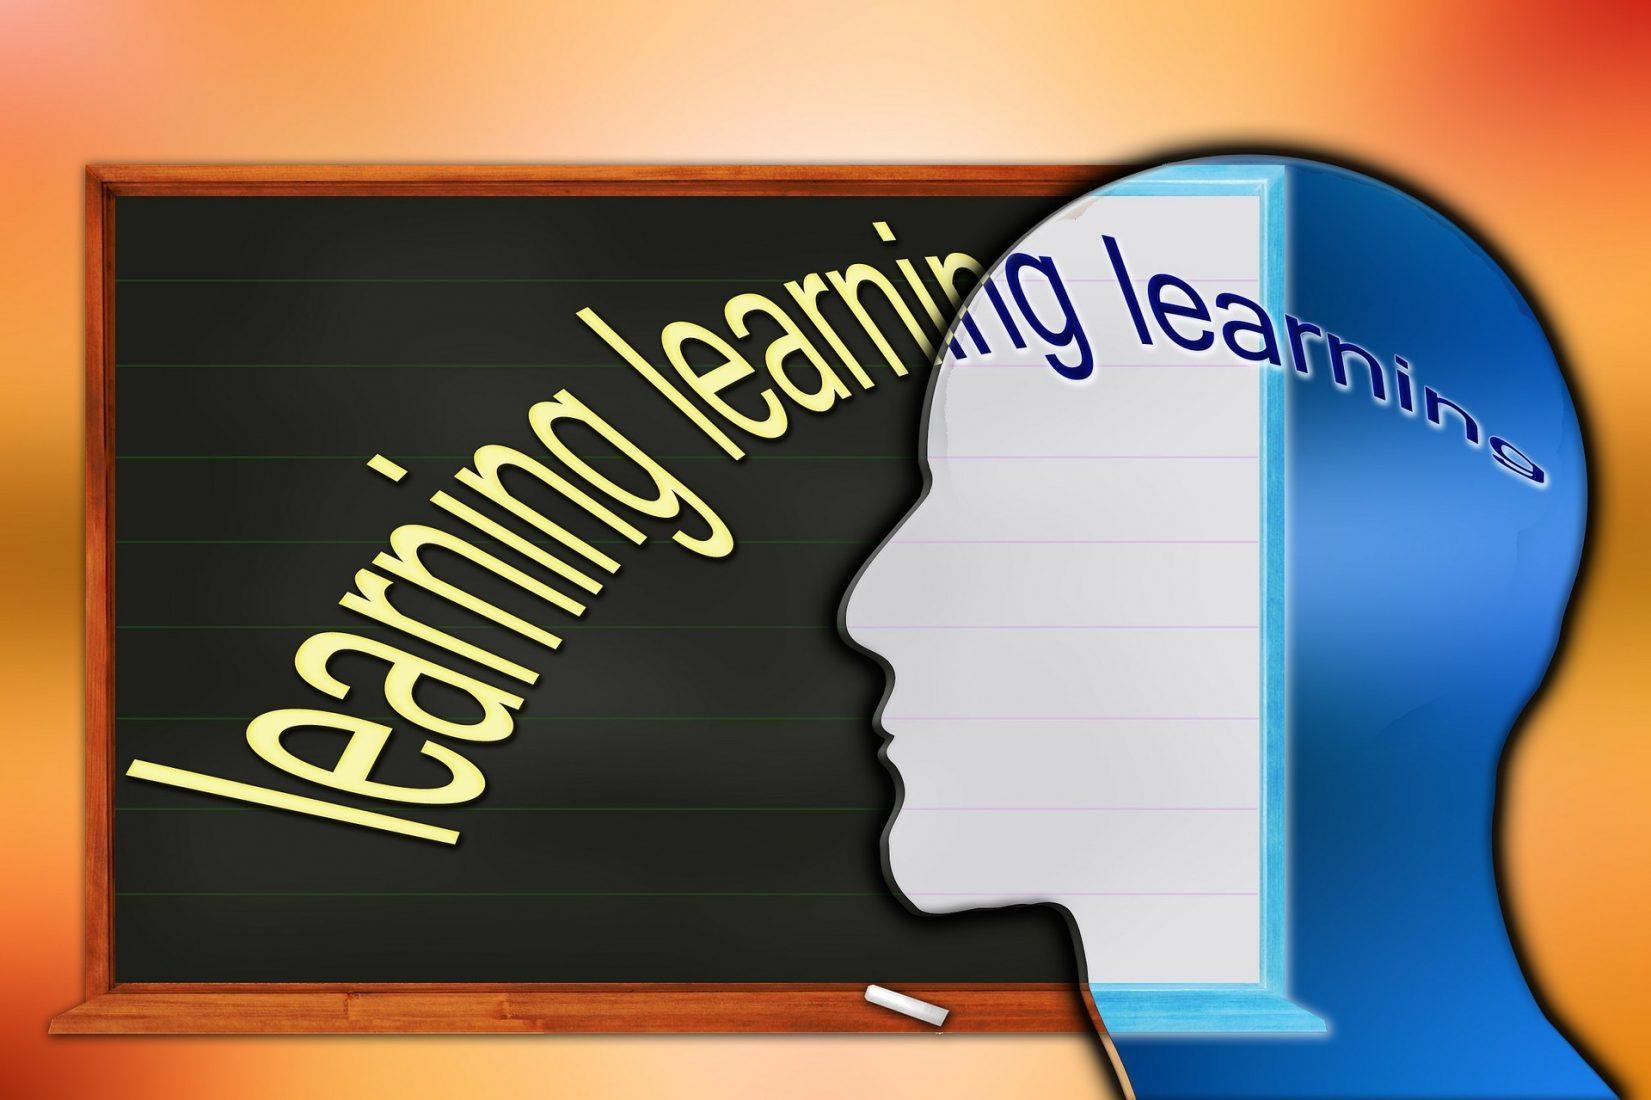 Vor allem für Erwerbstätige ist lebenslanges Lernen heute zunehmend normal. Foto: Pixabay